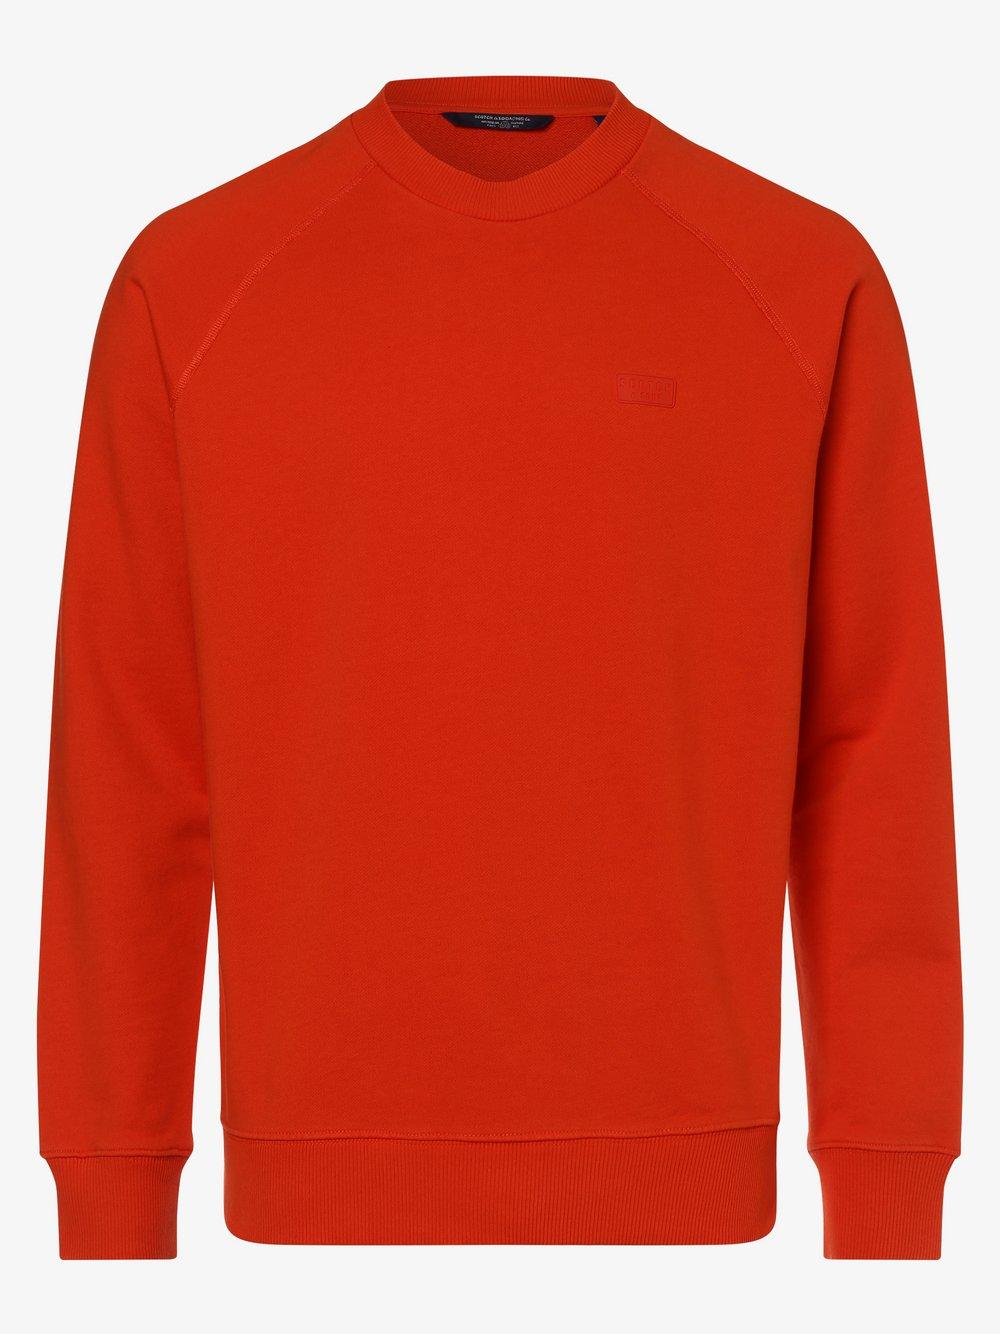 Scotch & Soda - Męska bluza nierozpinana, czerwony